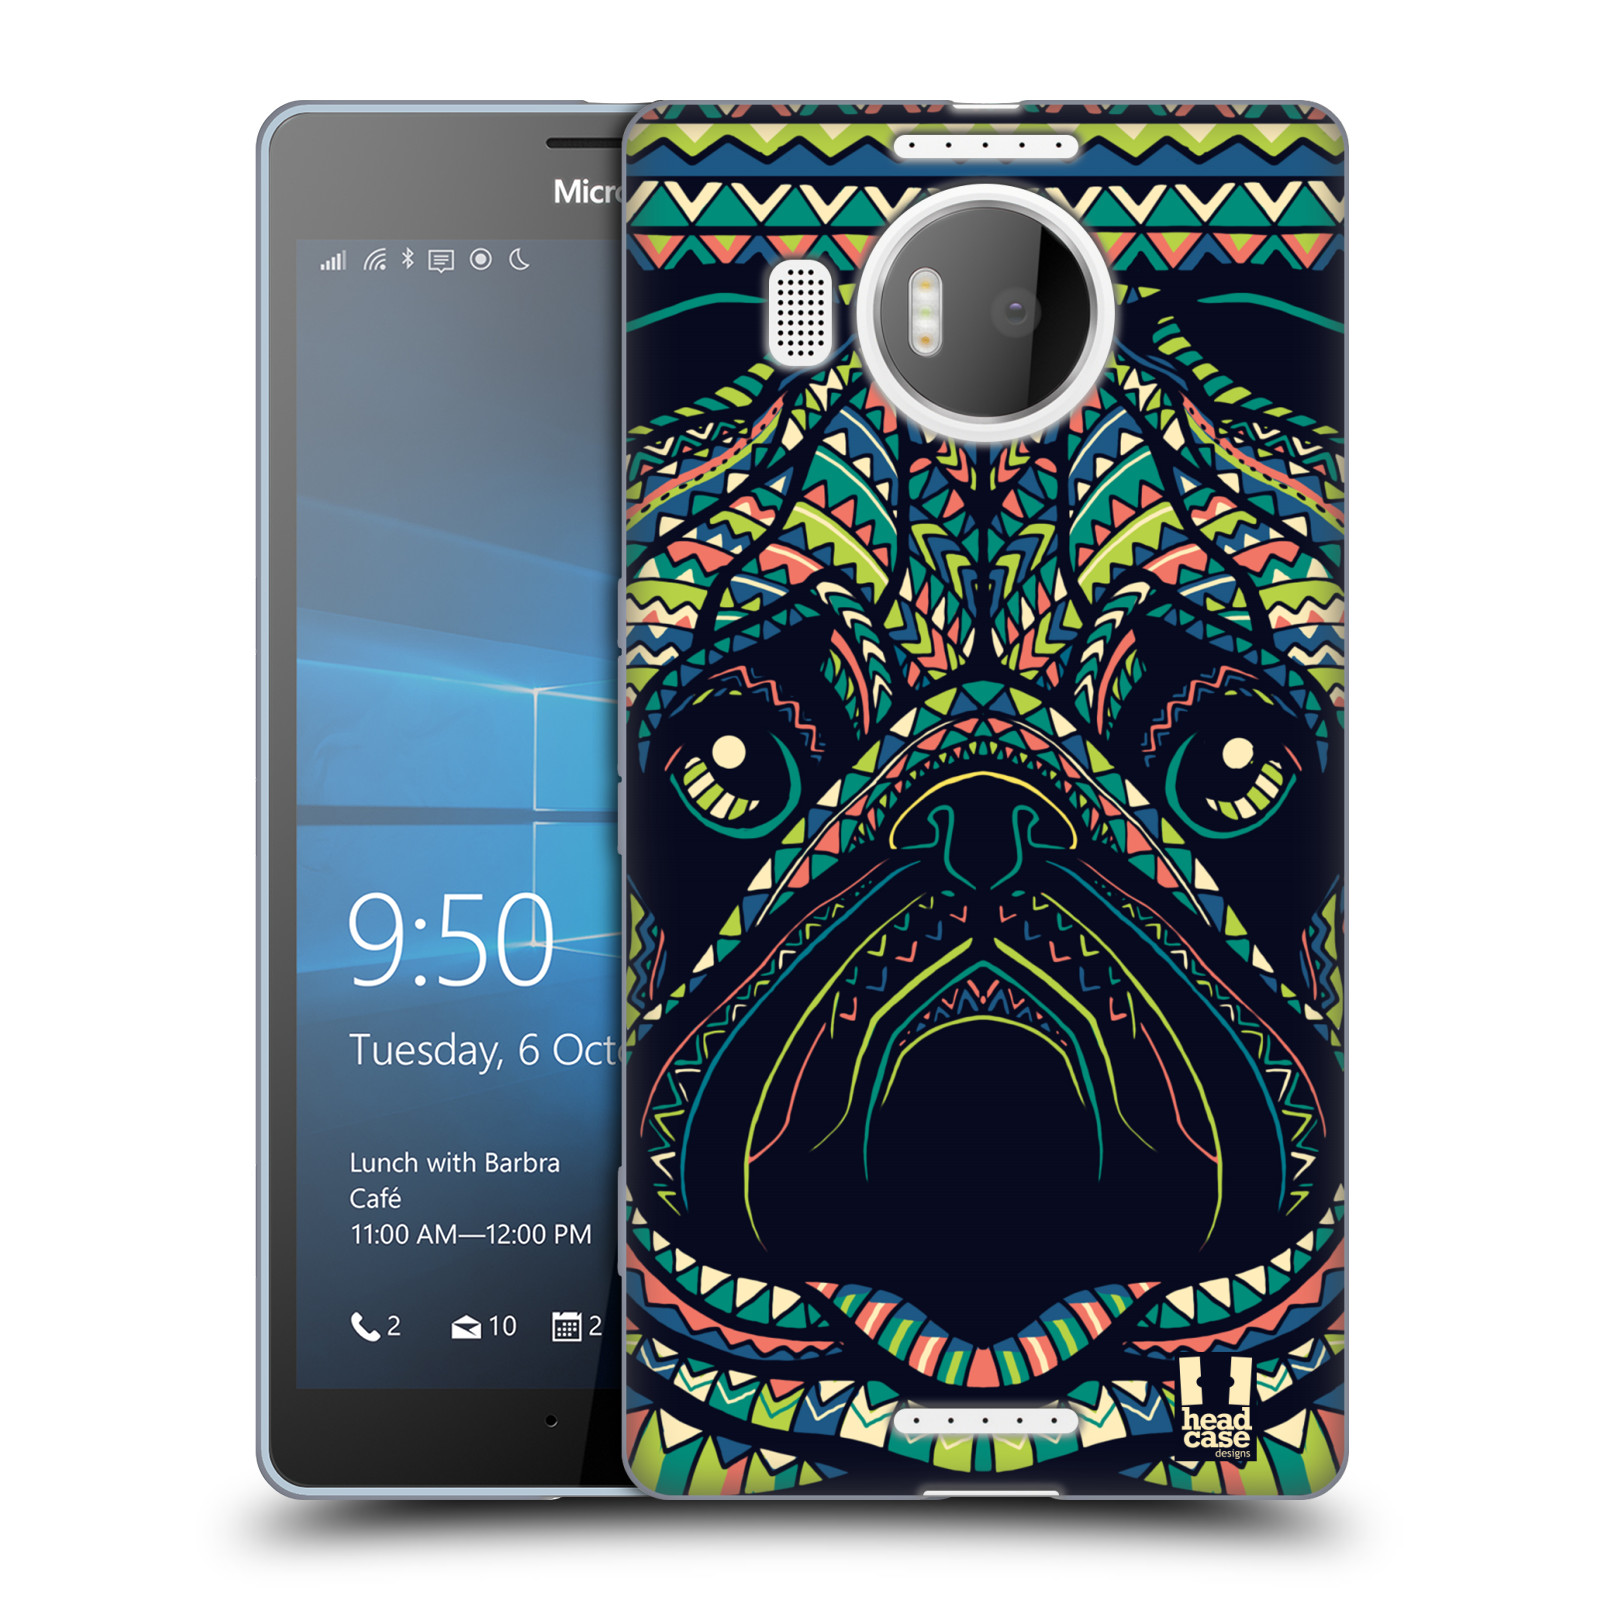 HEAD CASE silikonový obal na mobil NOKIA, MICROSOFT LUMIA 950 XL / LUMIA 950 XL DUAL SIM vzor Aztécký motiv zvíře 3 mopsík